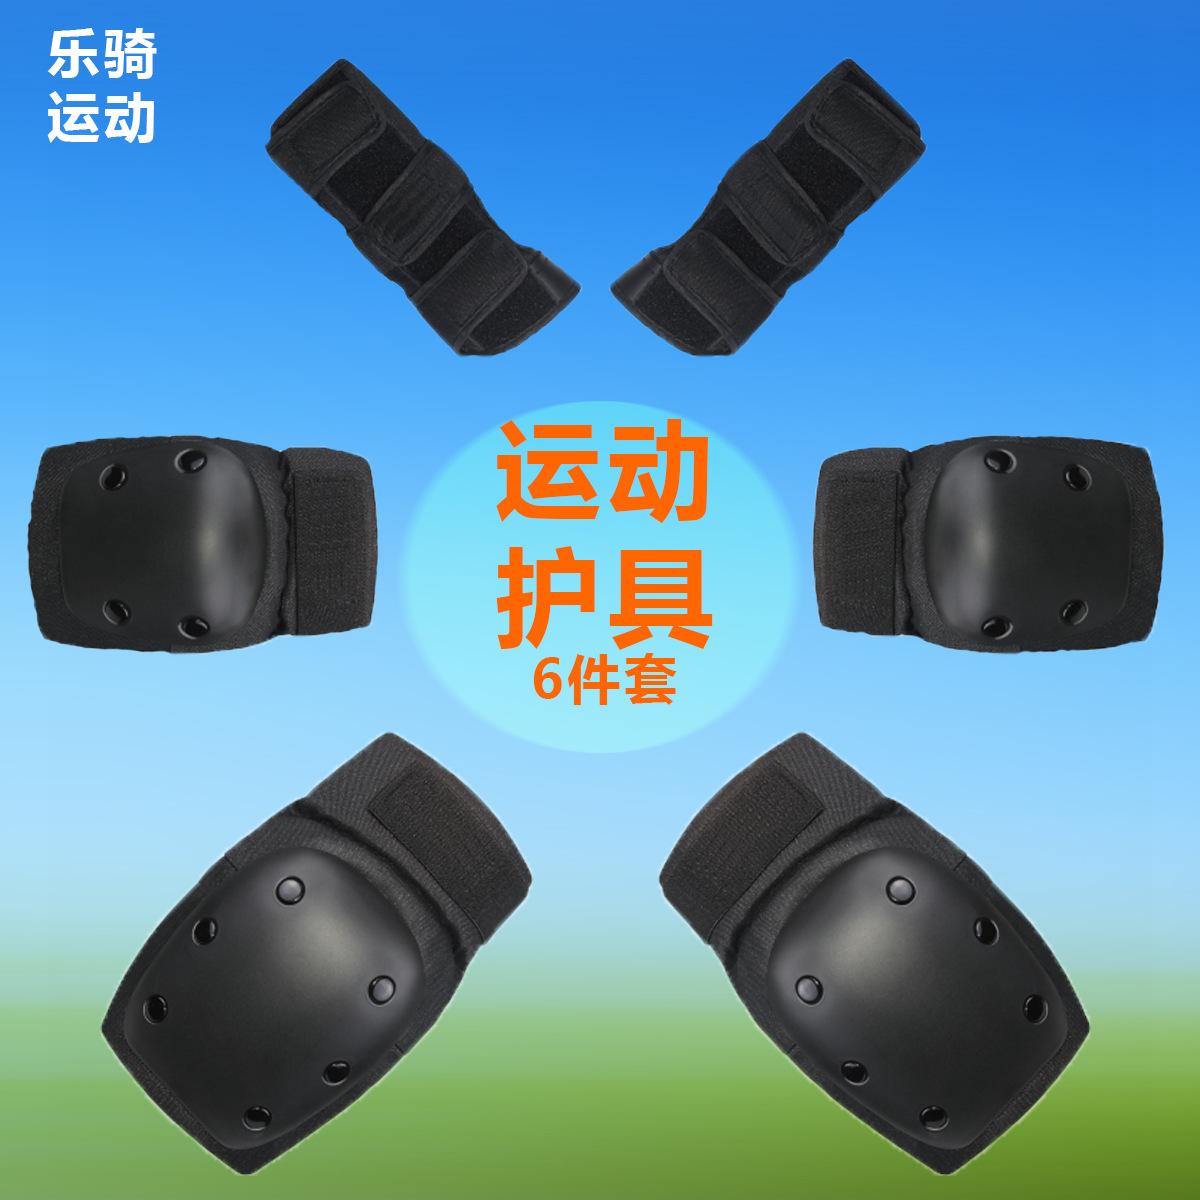 兒童成人套裝護具輪滑護具運動護具兒童騎行護具護膝護肘護掌